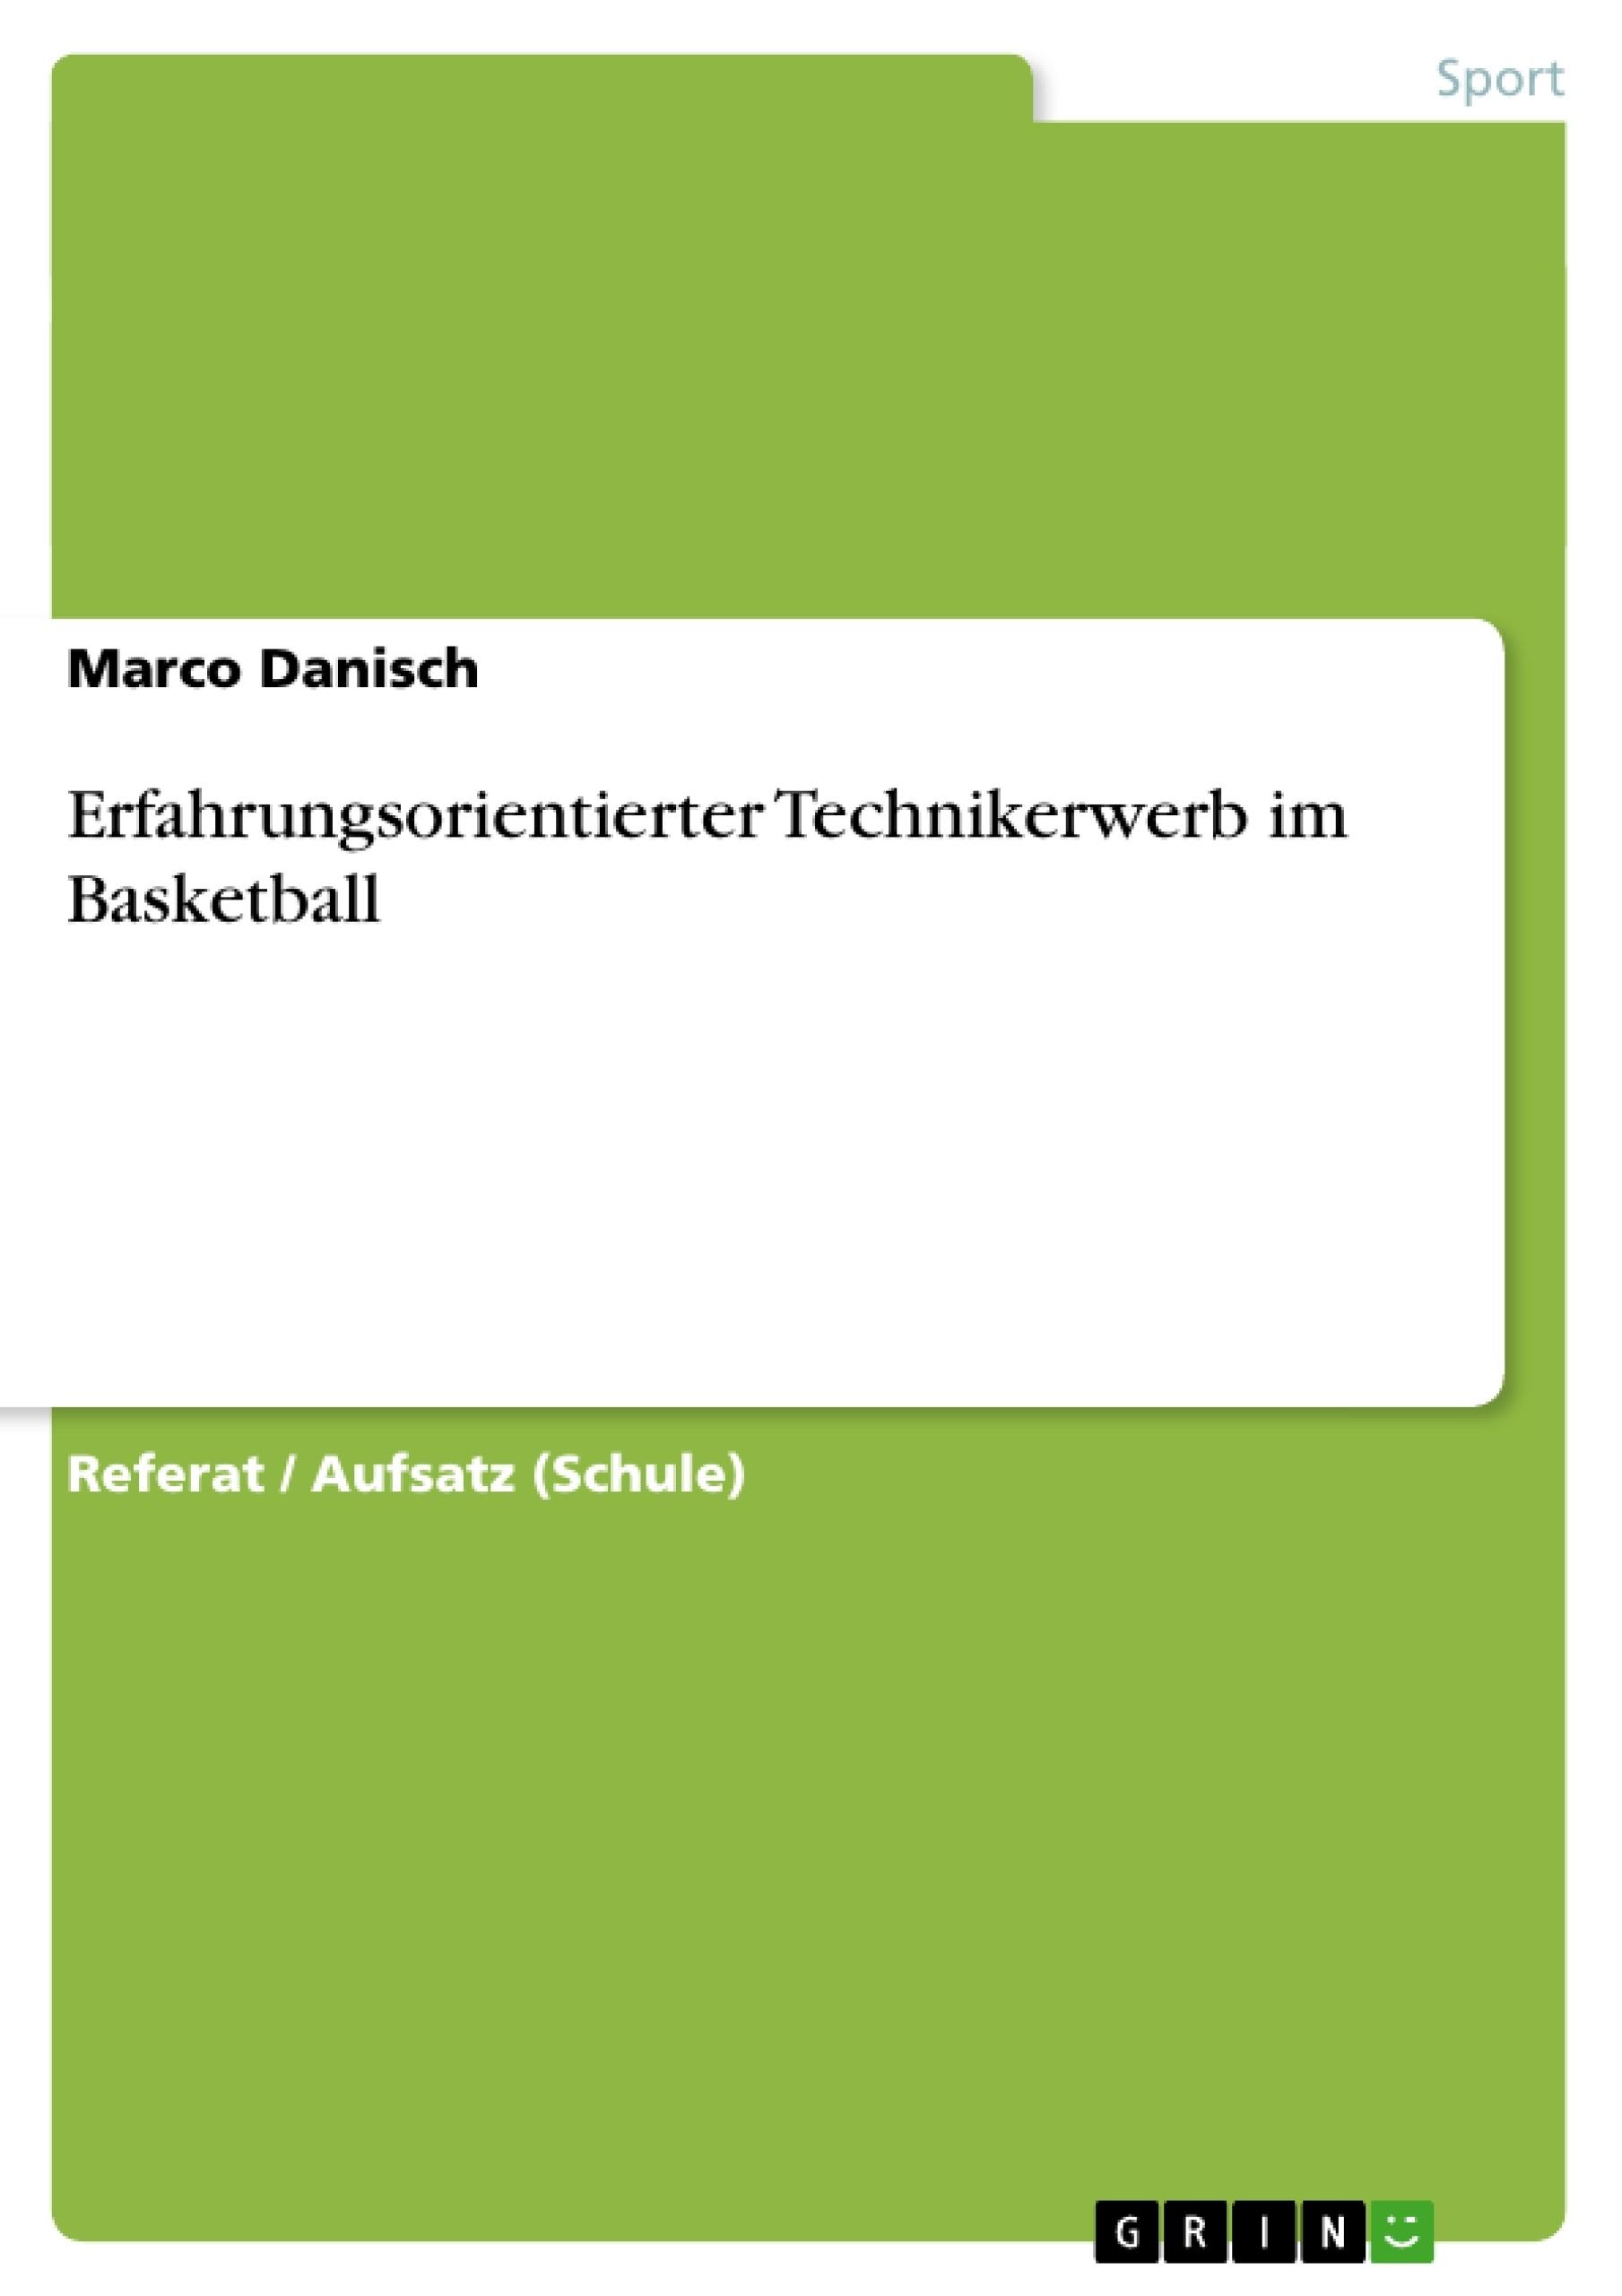 Titel: Erfahrungsorientierter Technikerwerb im Basketball